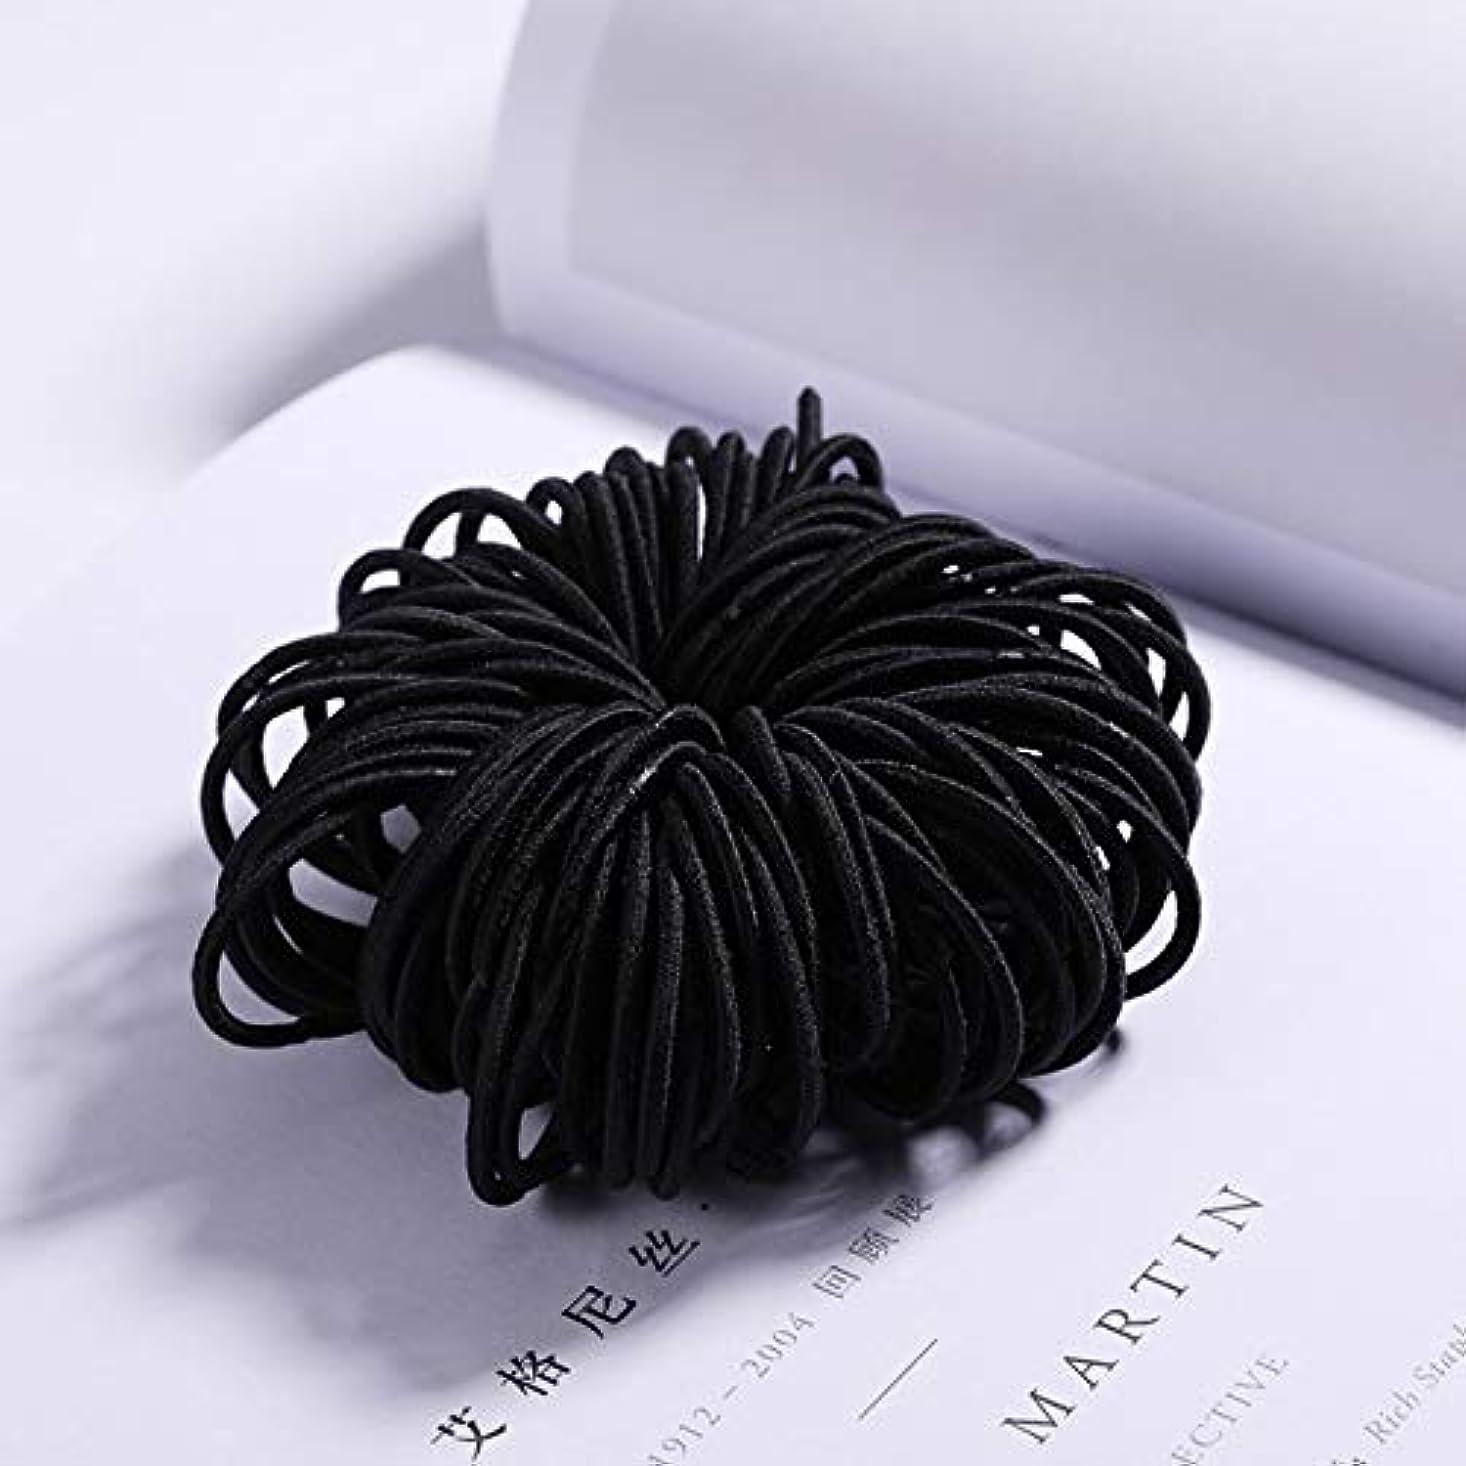 みがきます人事粘着性フラワーヘアピンFlowerHairpin YHMキャンディーカラーのナイロンゴムバンド子供用の安全な弾性ヘアバンド(ブラック) (色 : Black)